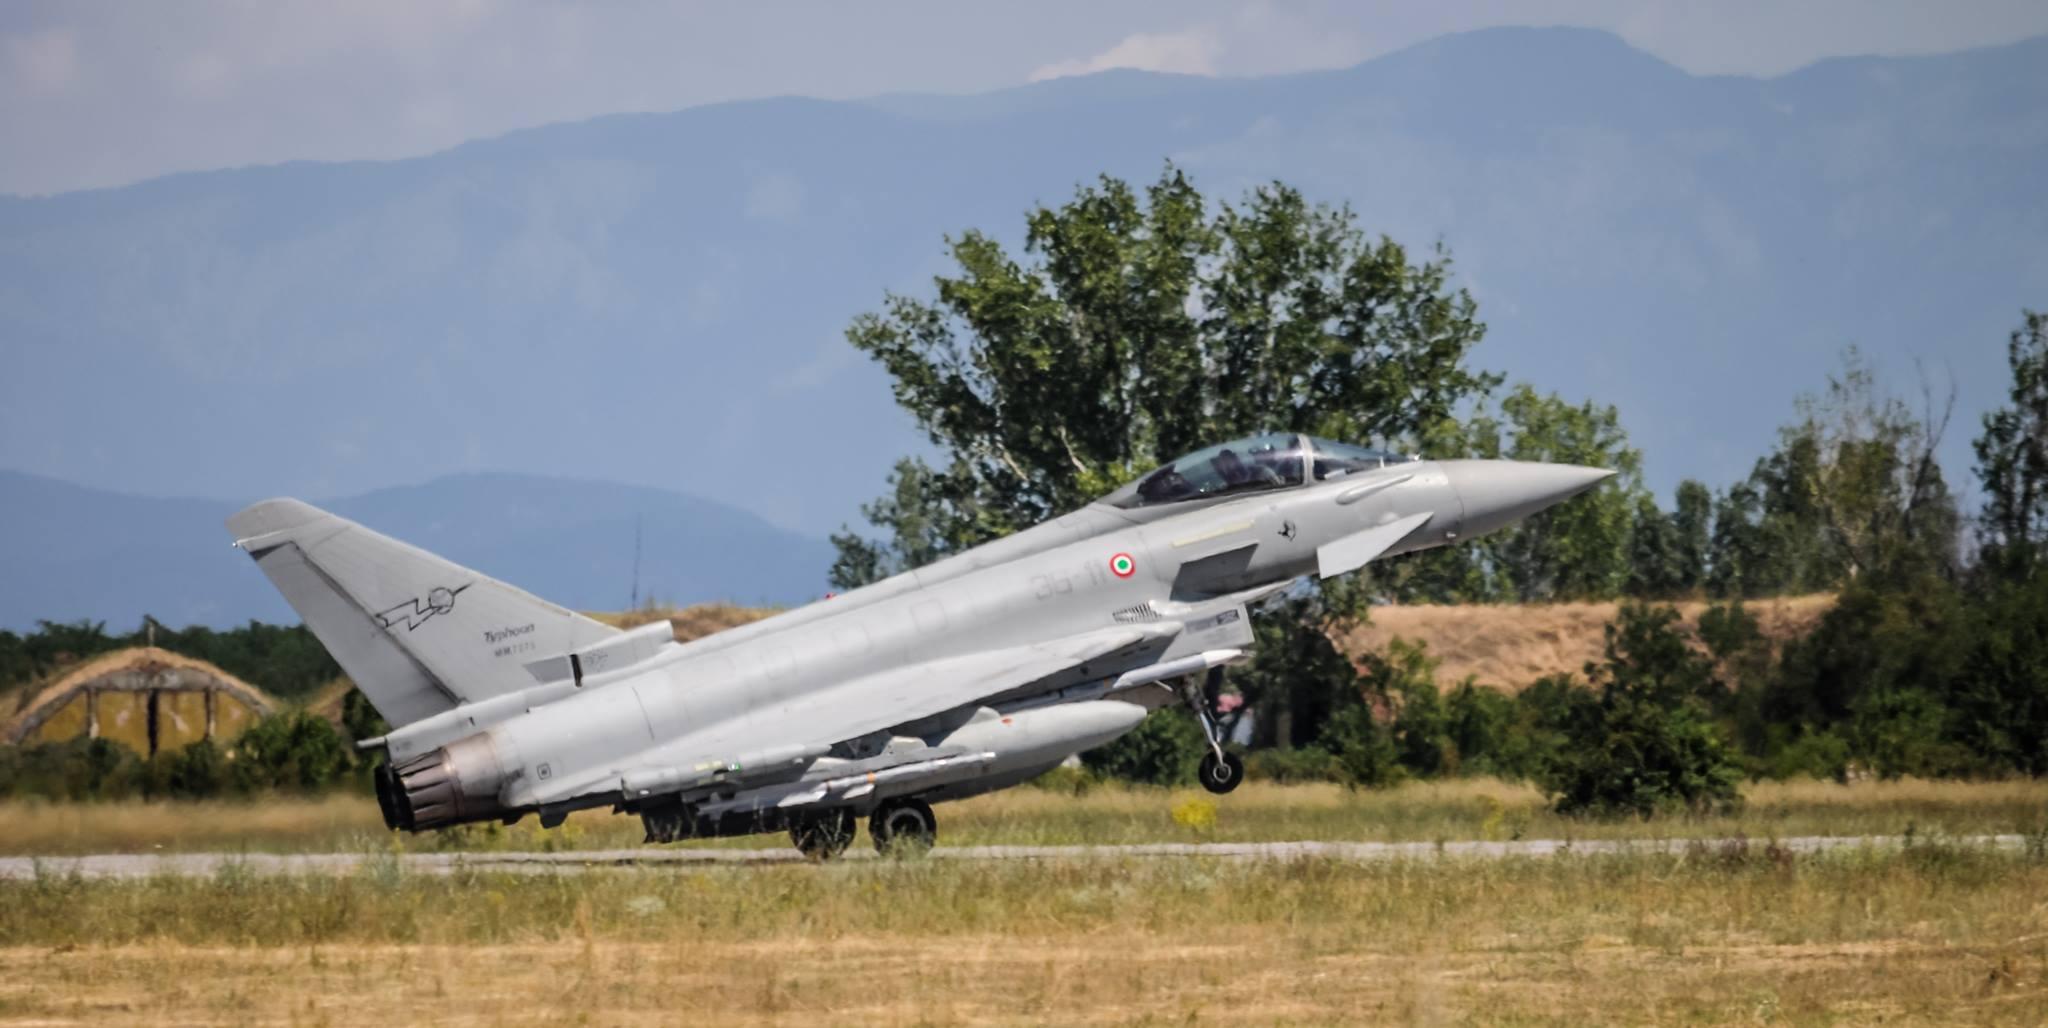 يوروفايتر تايفون ..... افضل ما بناه الاروبيين في العقد الاخير  Typhoon-landing